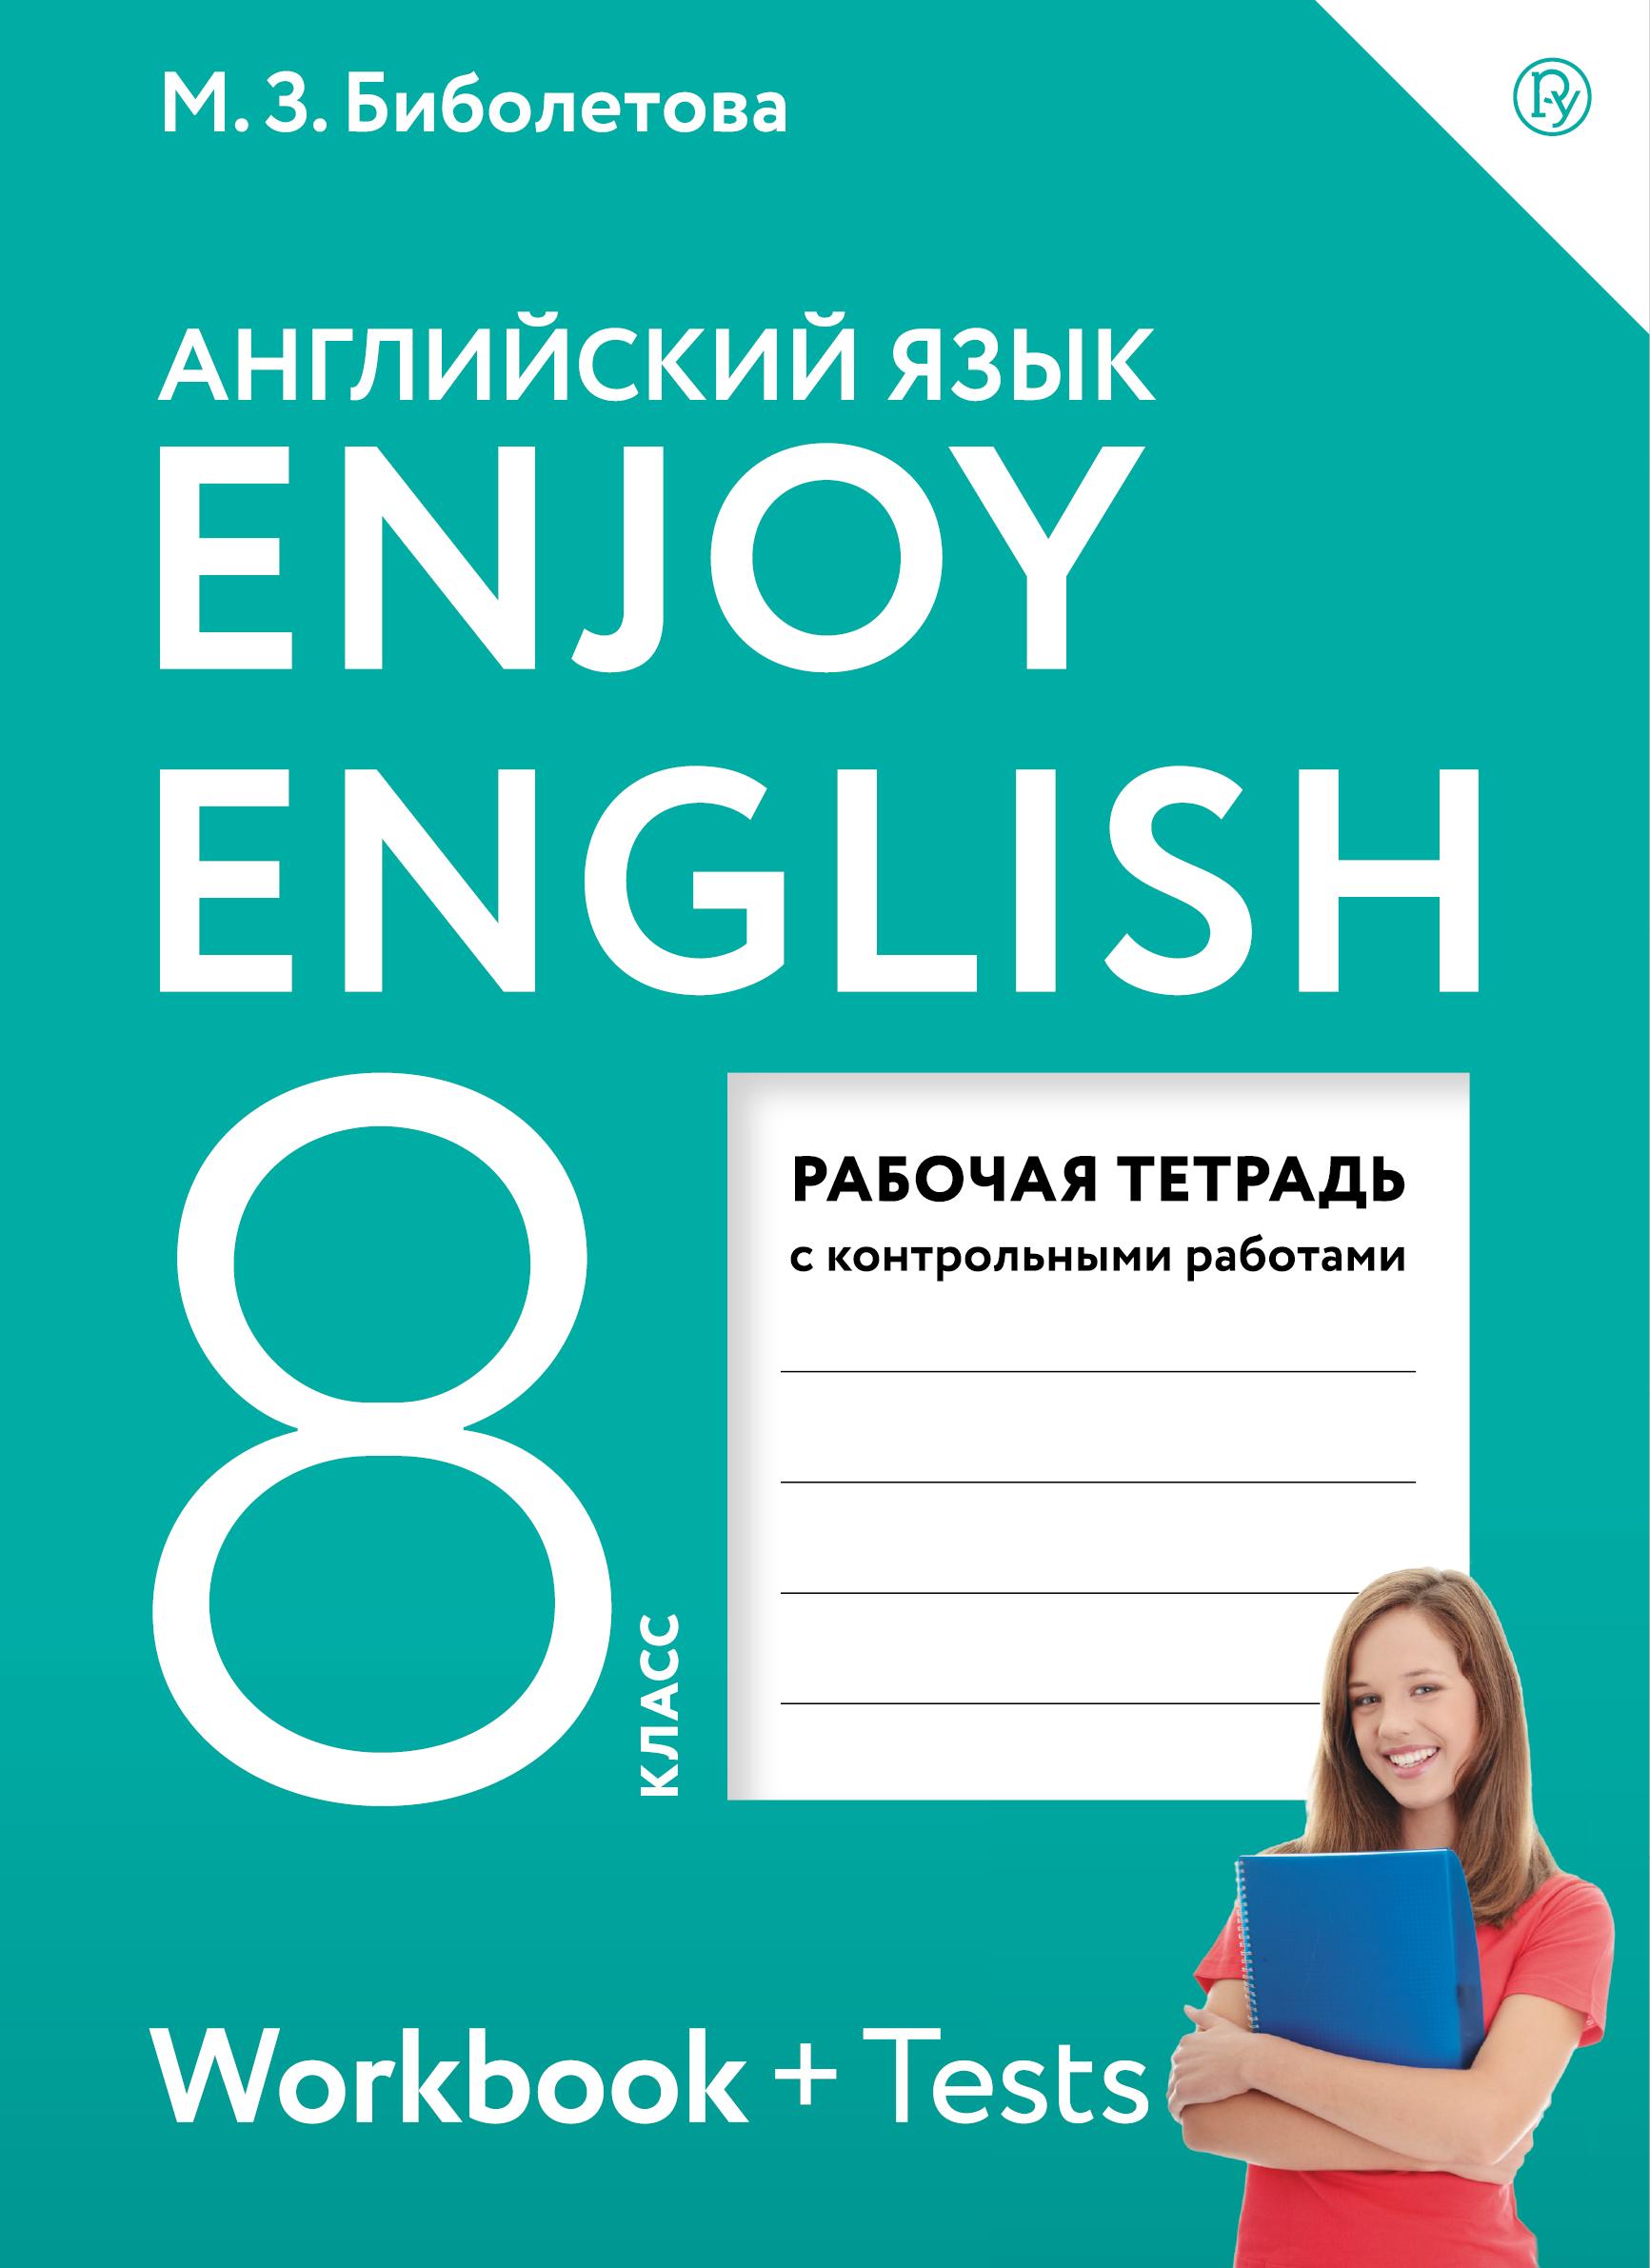 Рабочая тетрадь по английскому языку enjoy english 8 класс скачать бесплатно